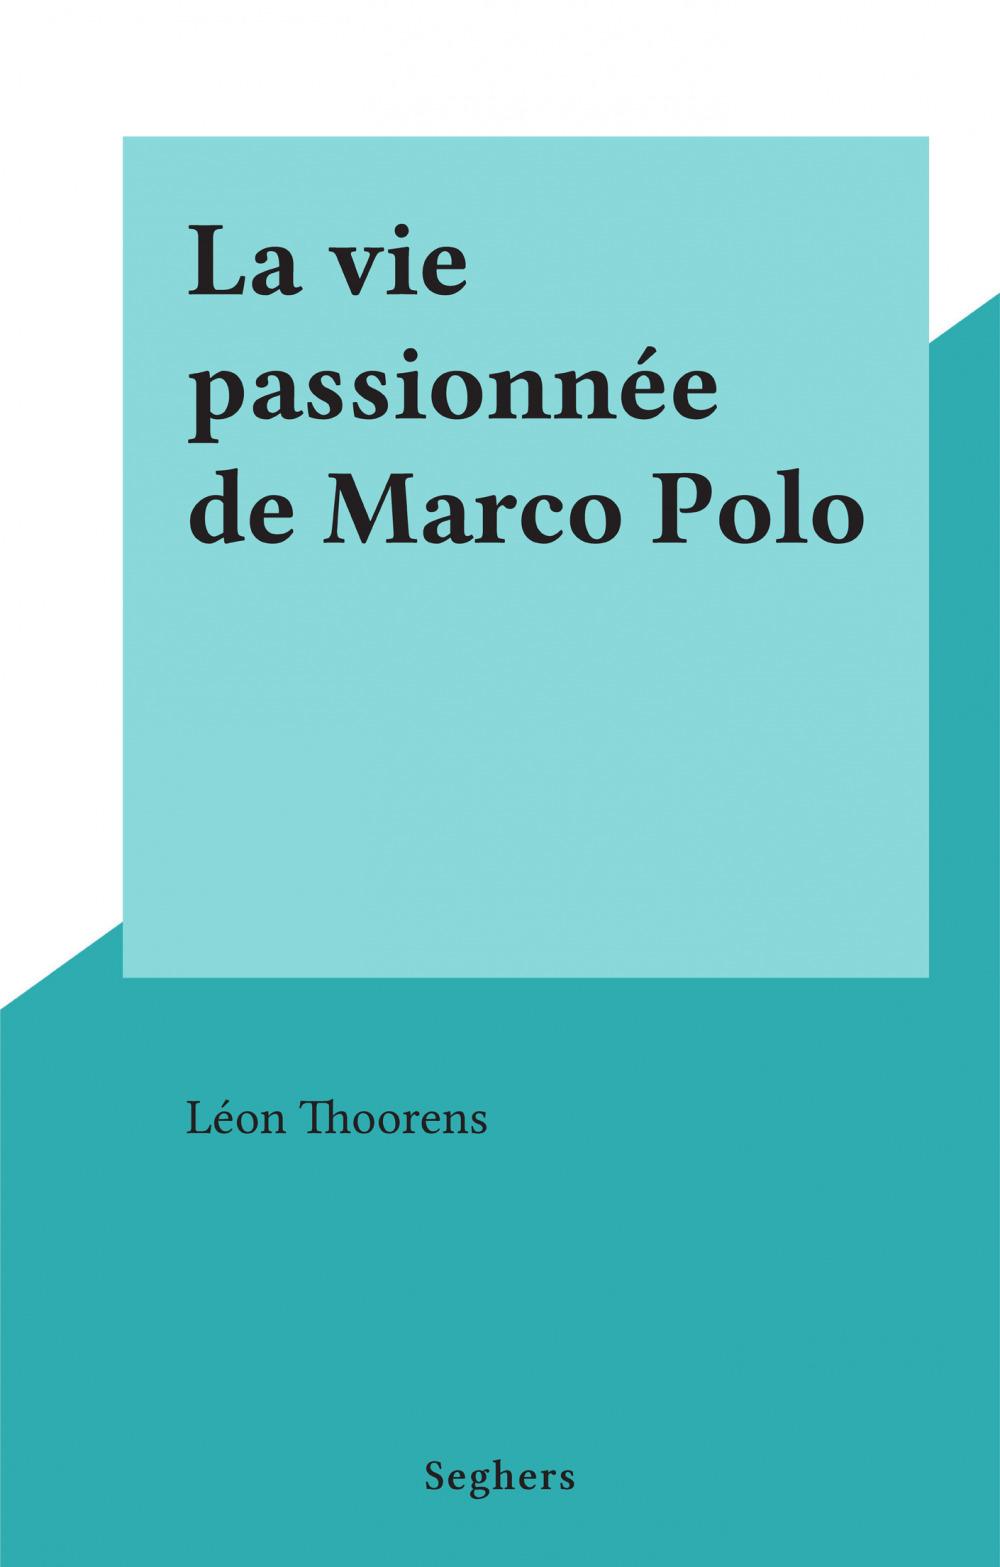 La vie passionnée de Marco Polo  - Leon Thoorens